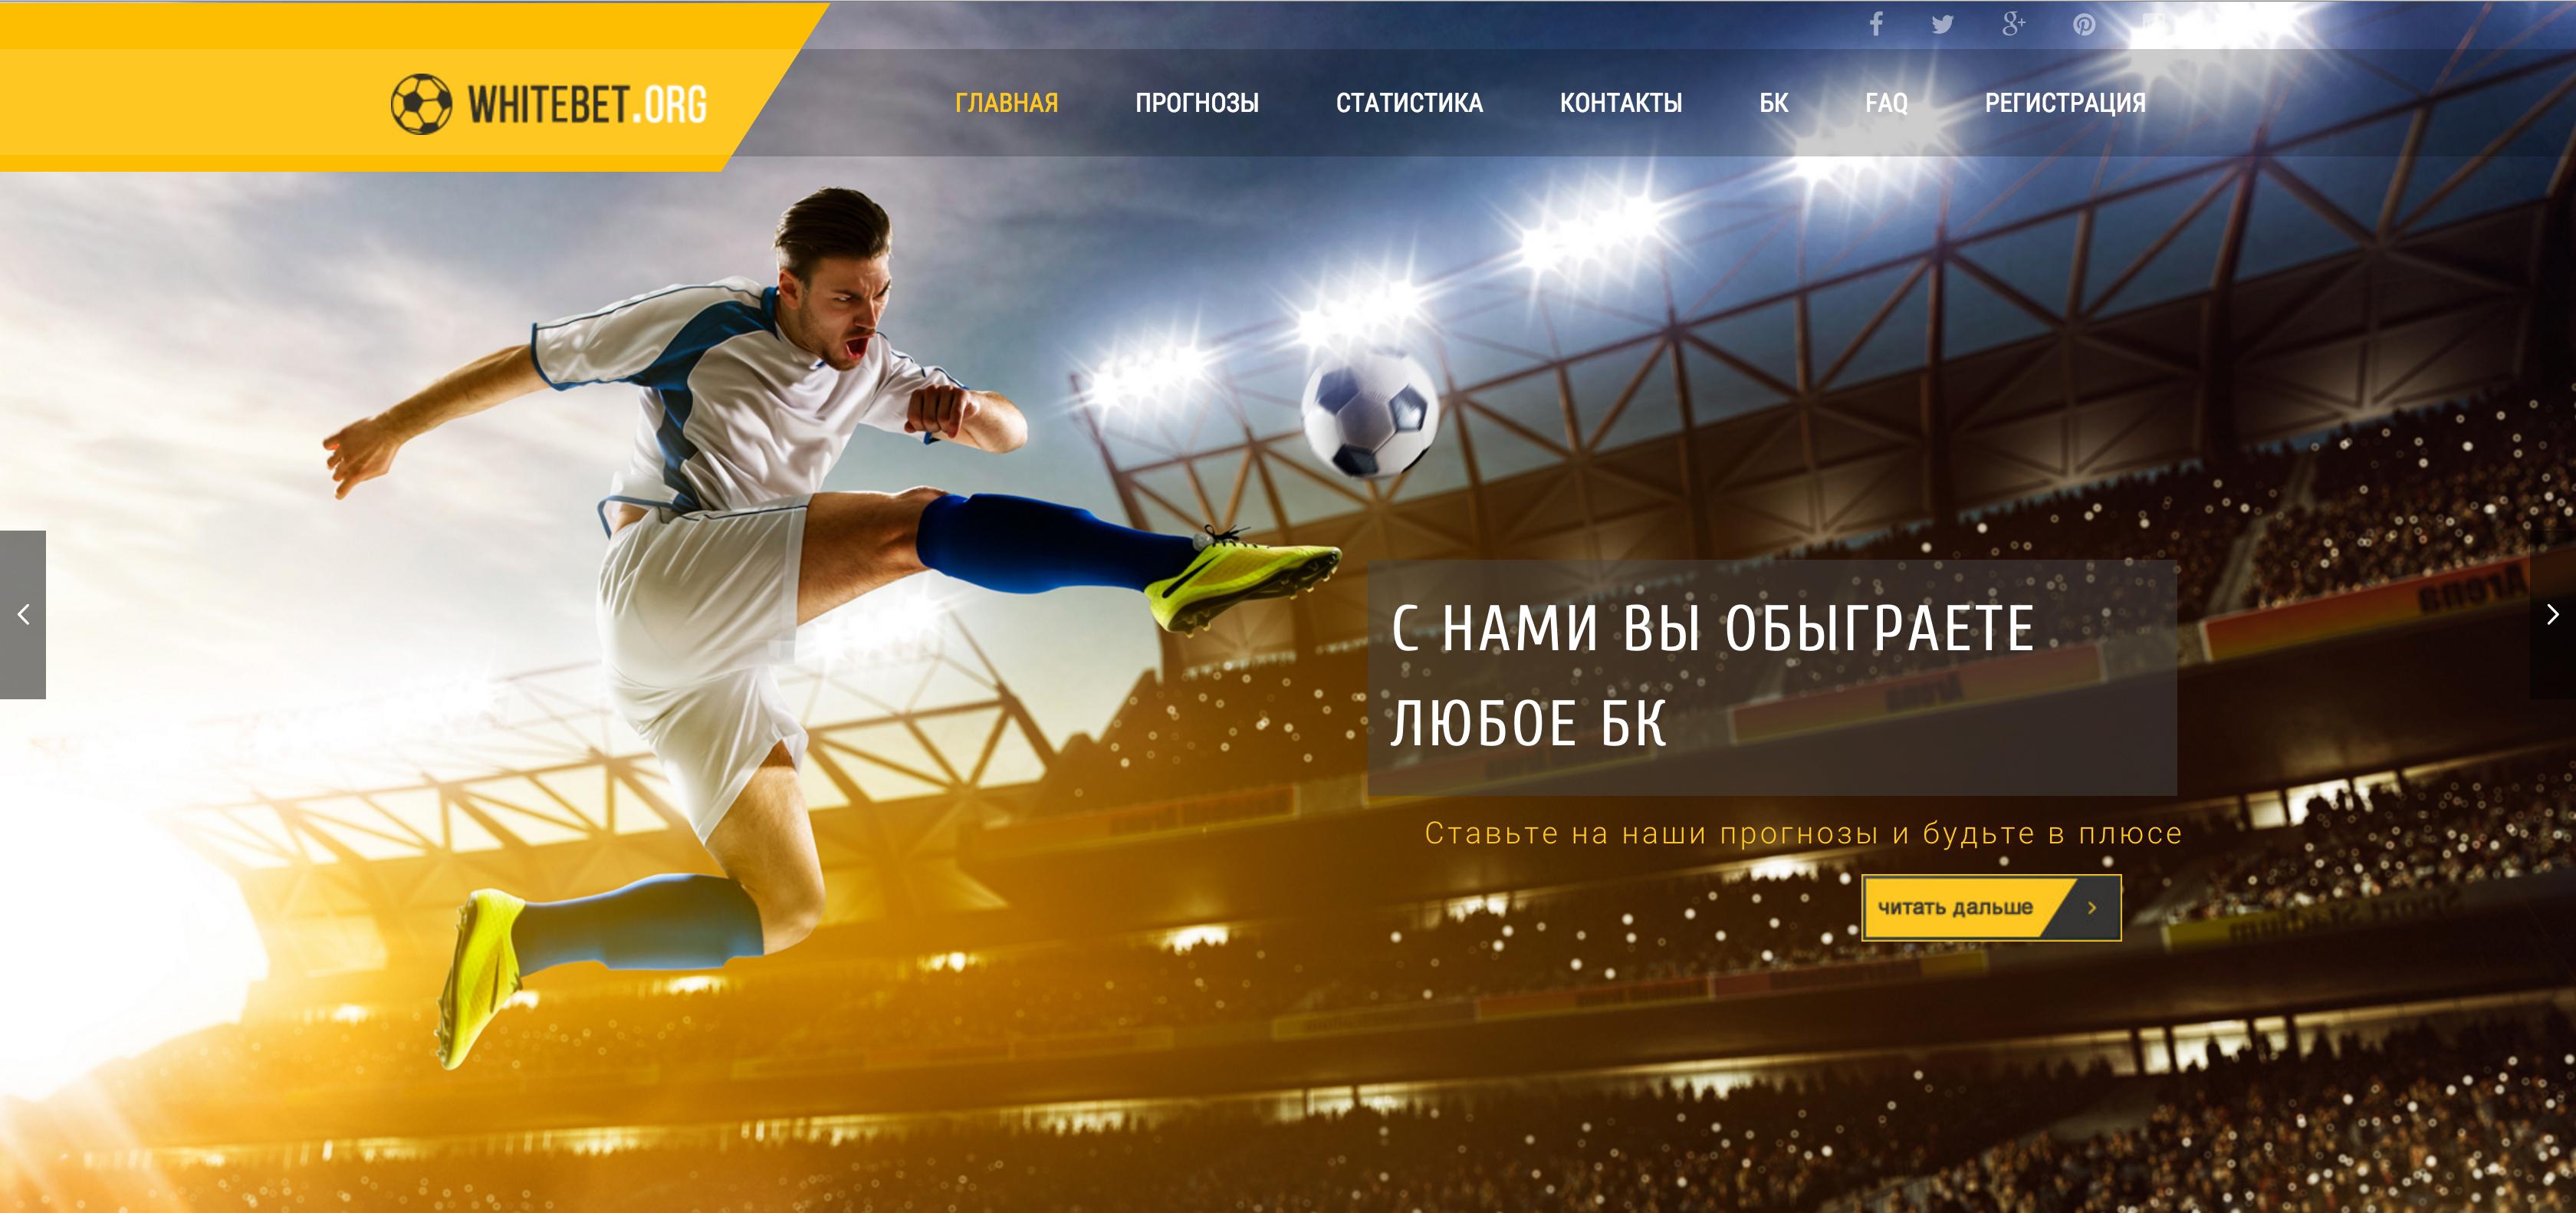 Сайт с прогнозами по спорту